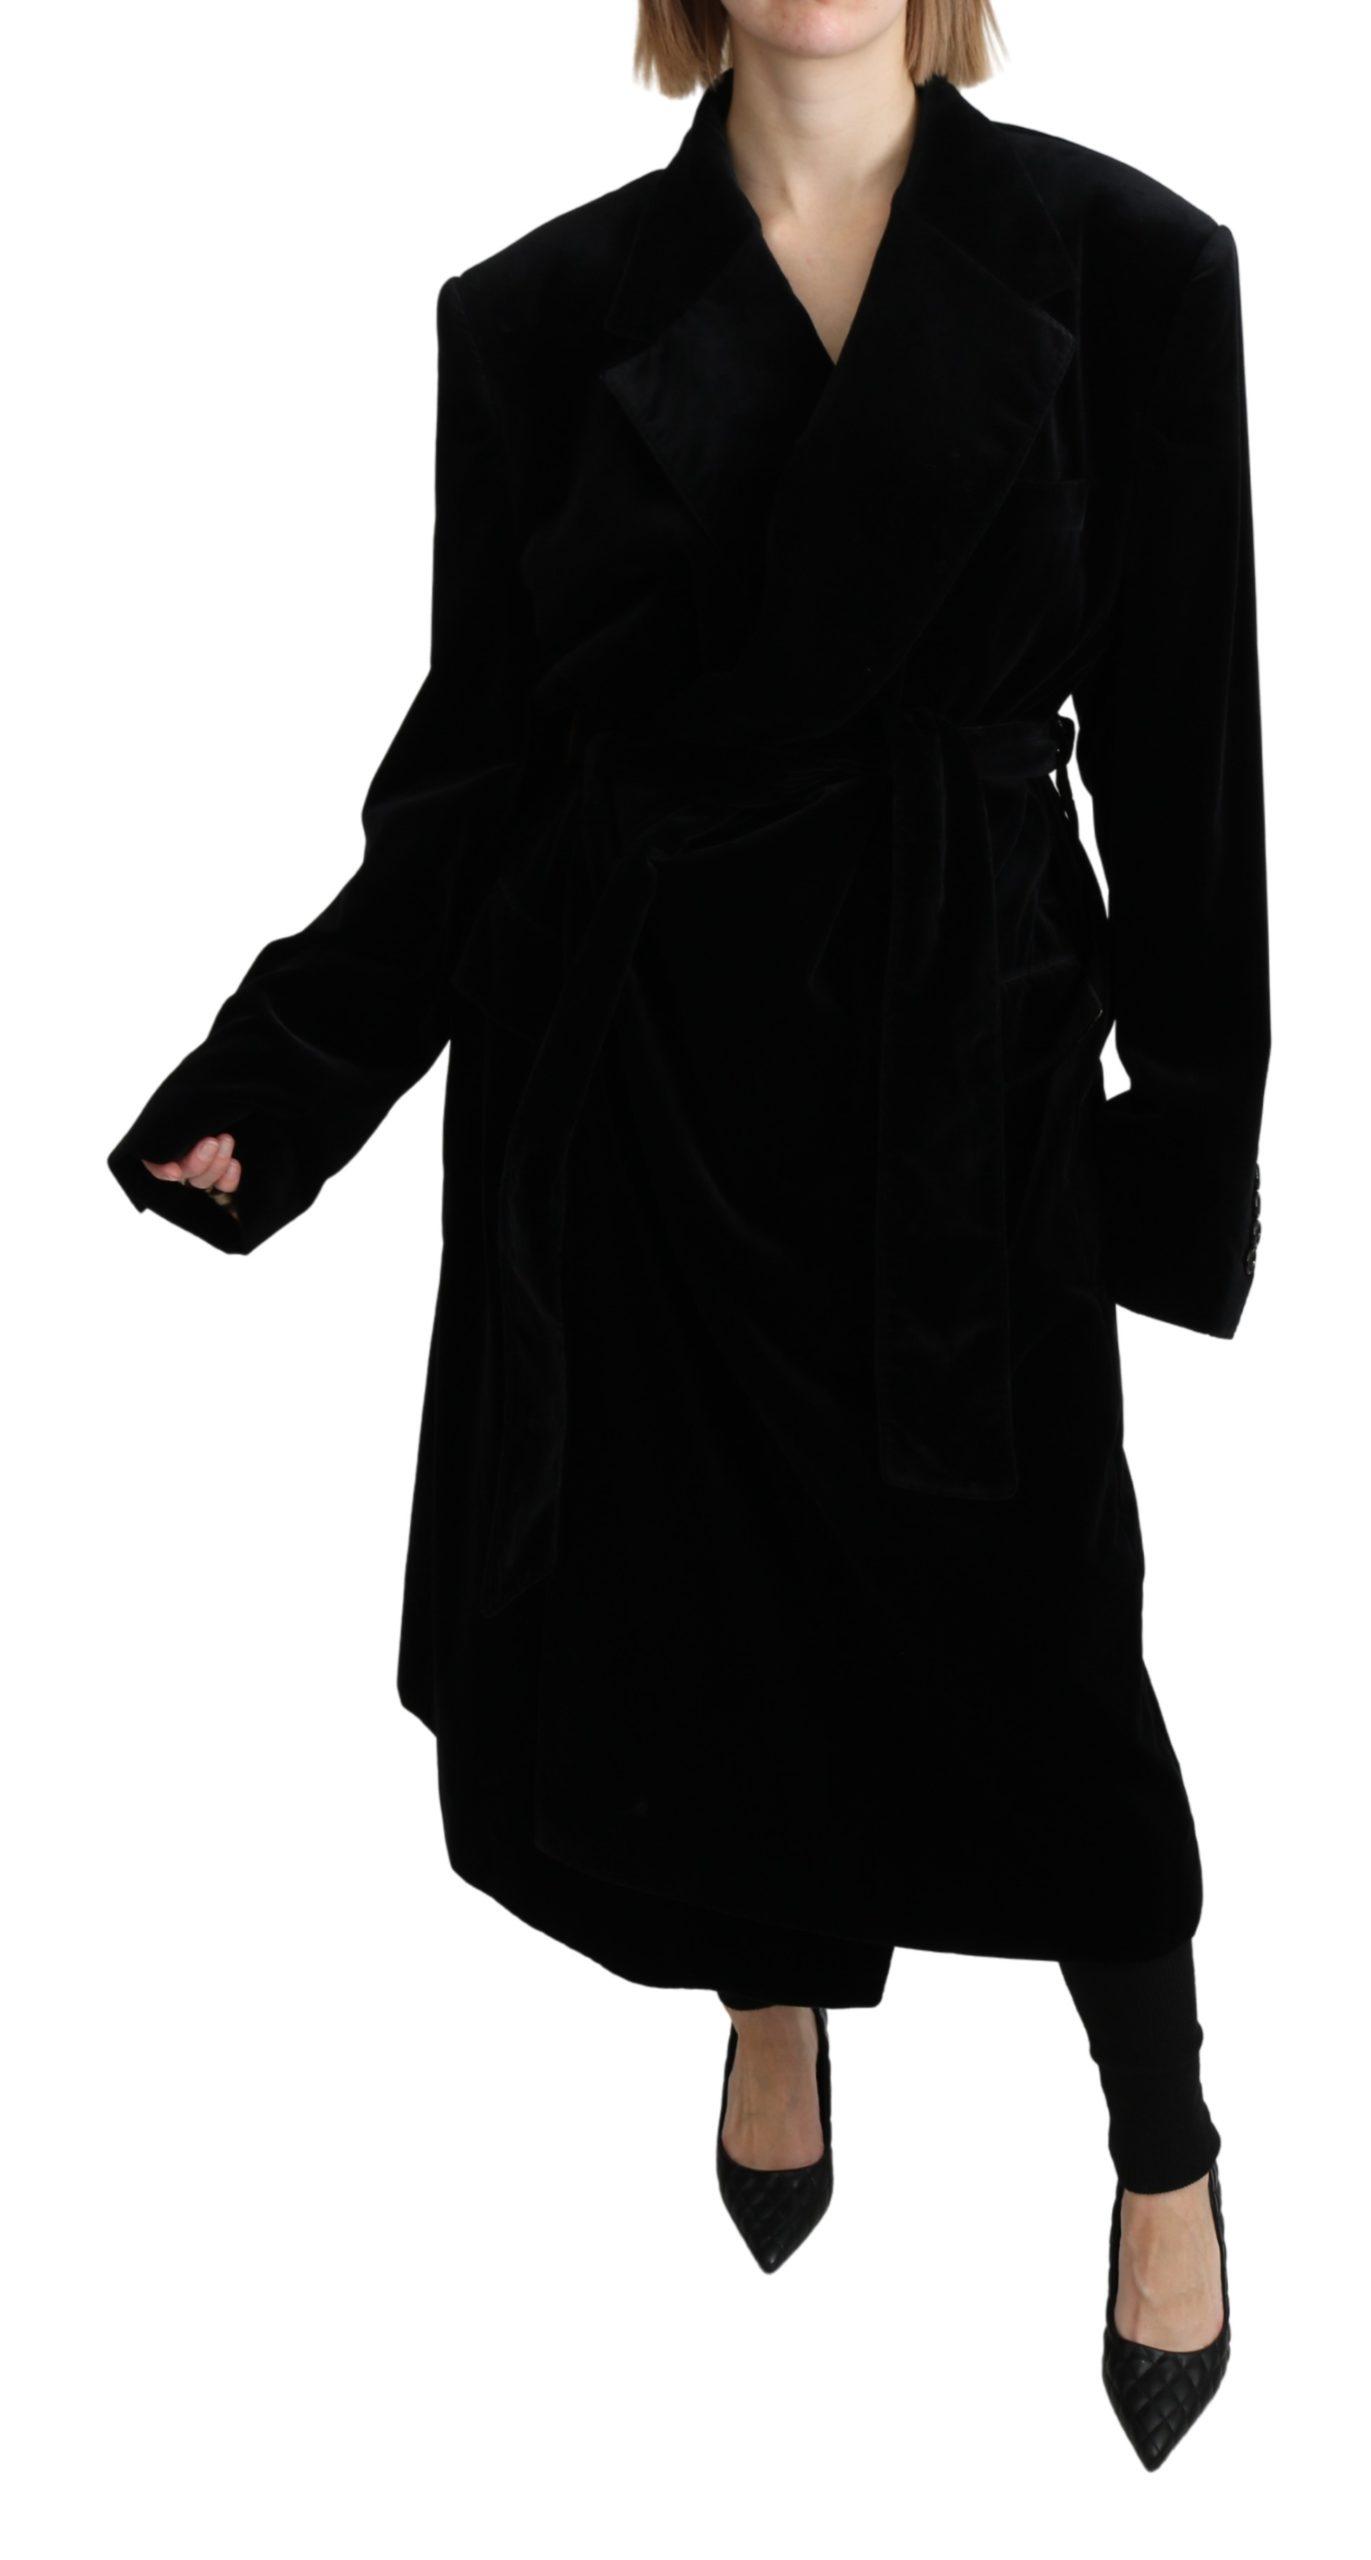 Dolce & Gabbana Women's Velvet Trenchcoat Cotton Jacket Black JKT2640 - IT40 | M